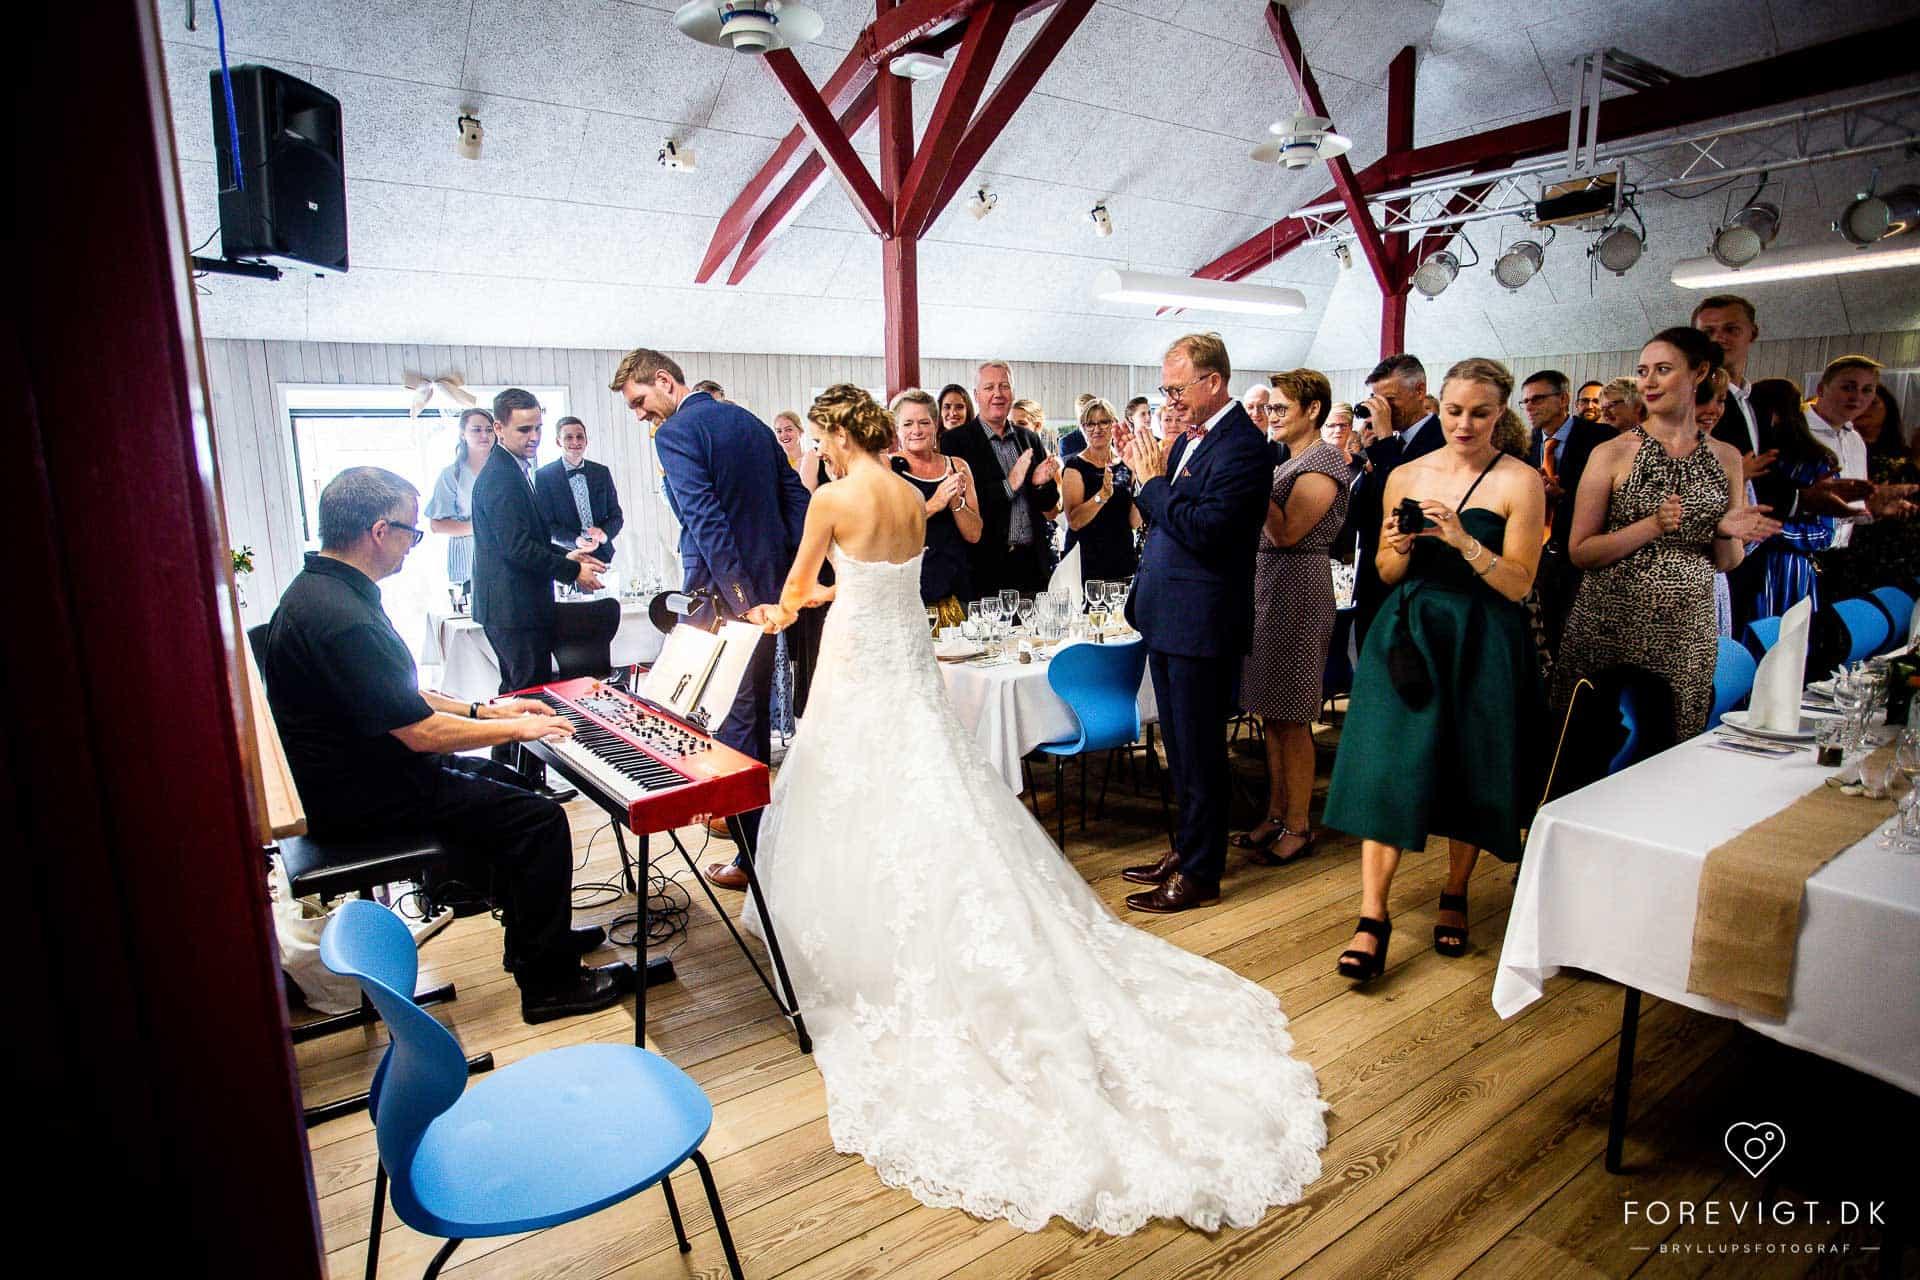 brud og gom bryllupsfest fest og bryllup på Ryå Efterskole